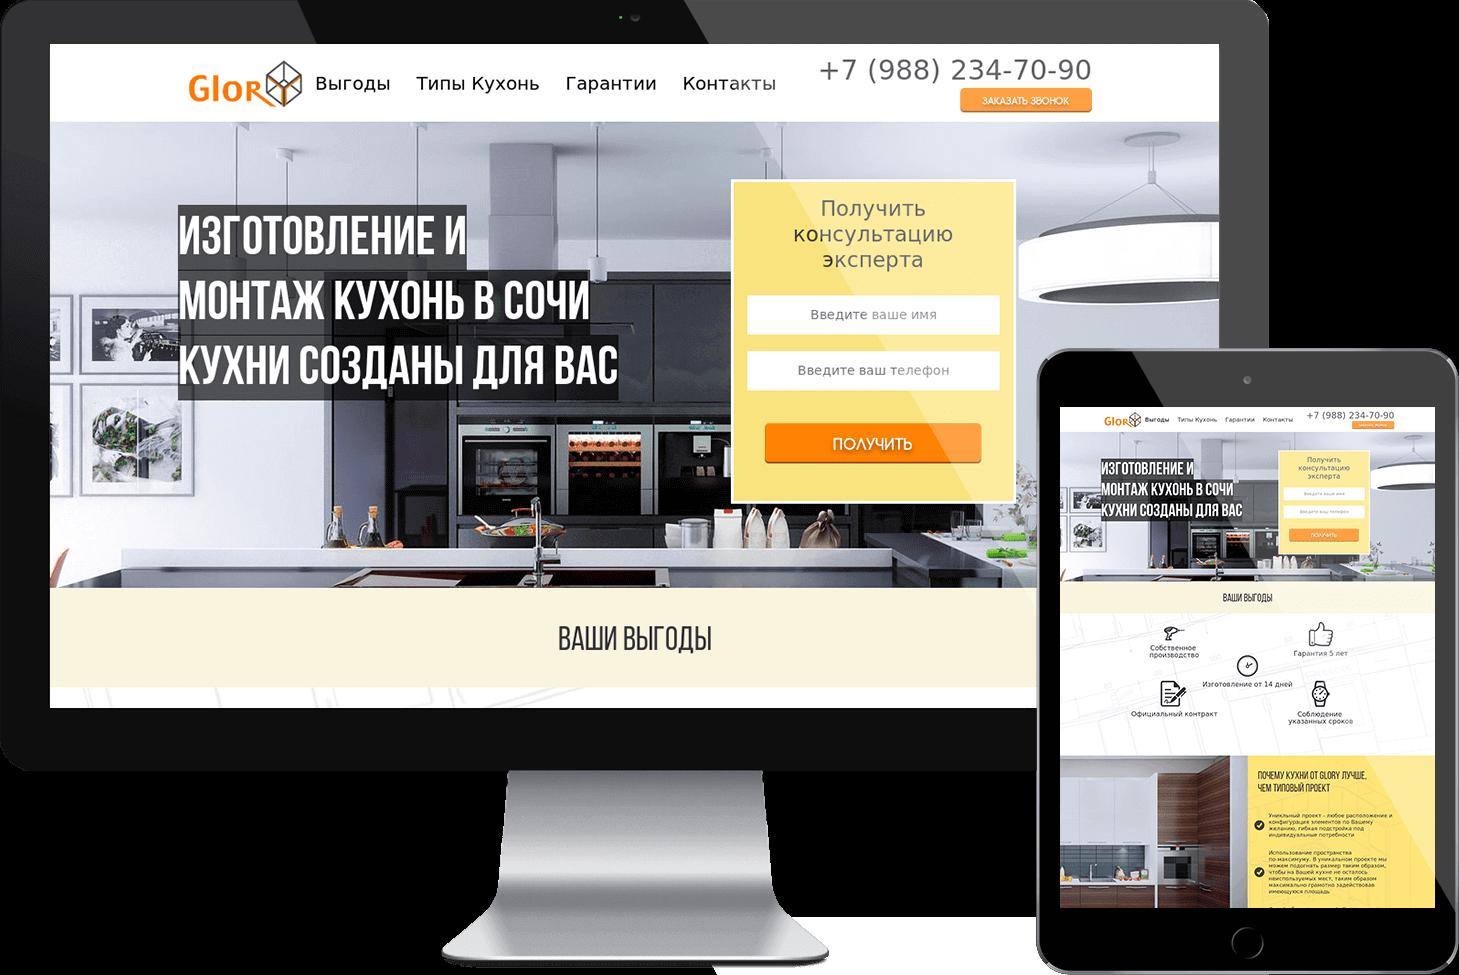 Landing Page — Изготовление и монтаж кухонь